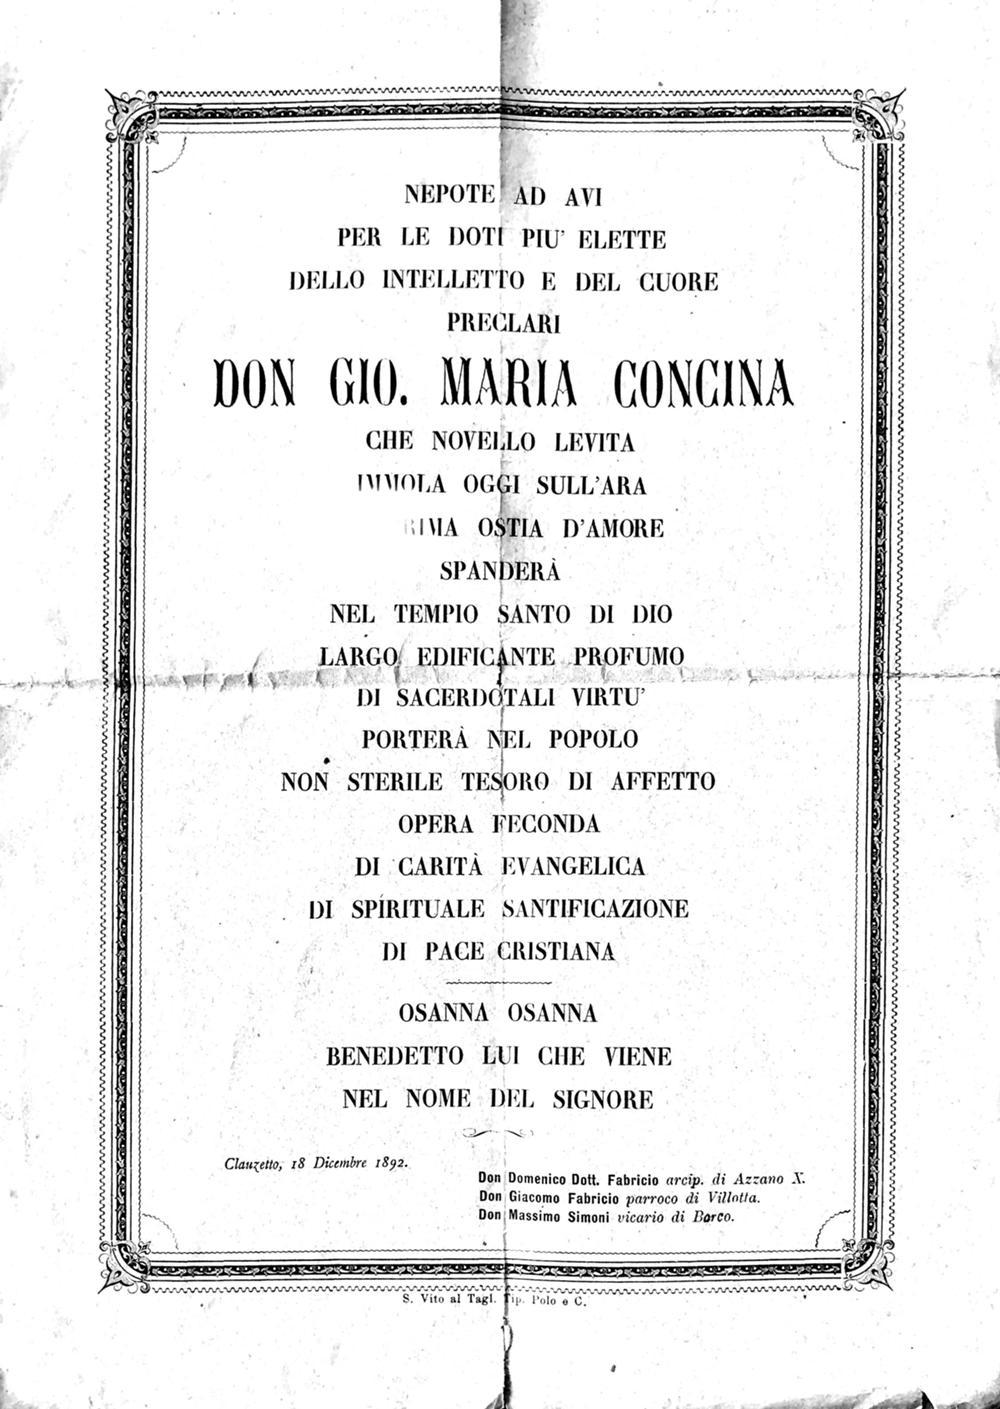 Per la prima messa di don Gio. Maria Concina